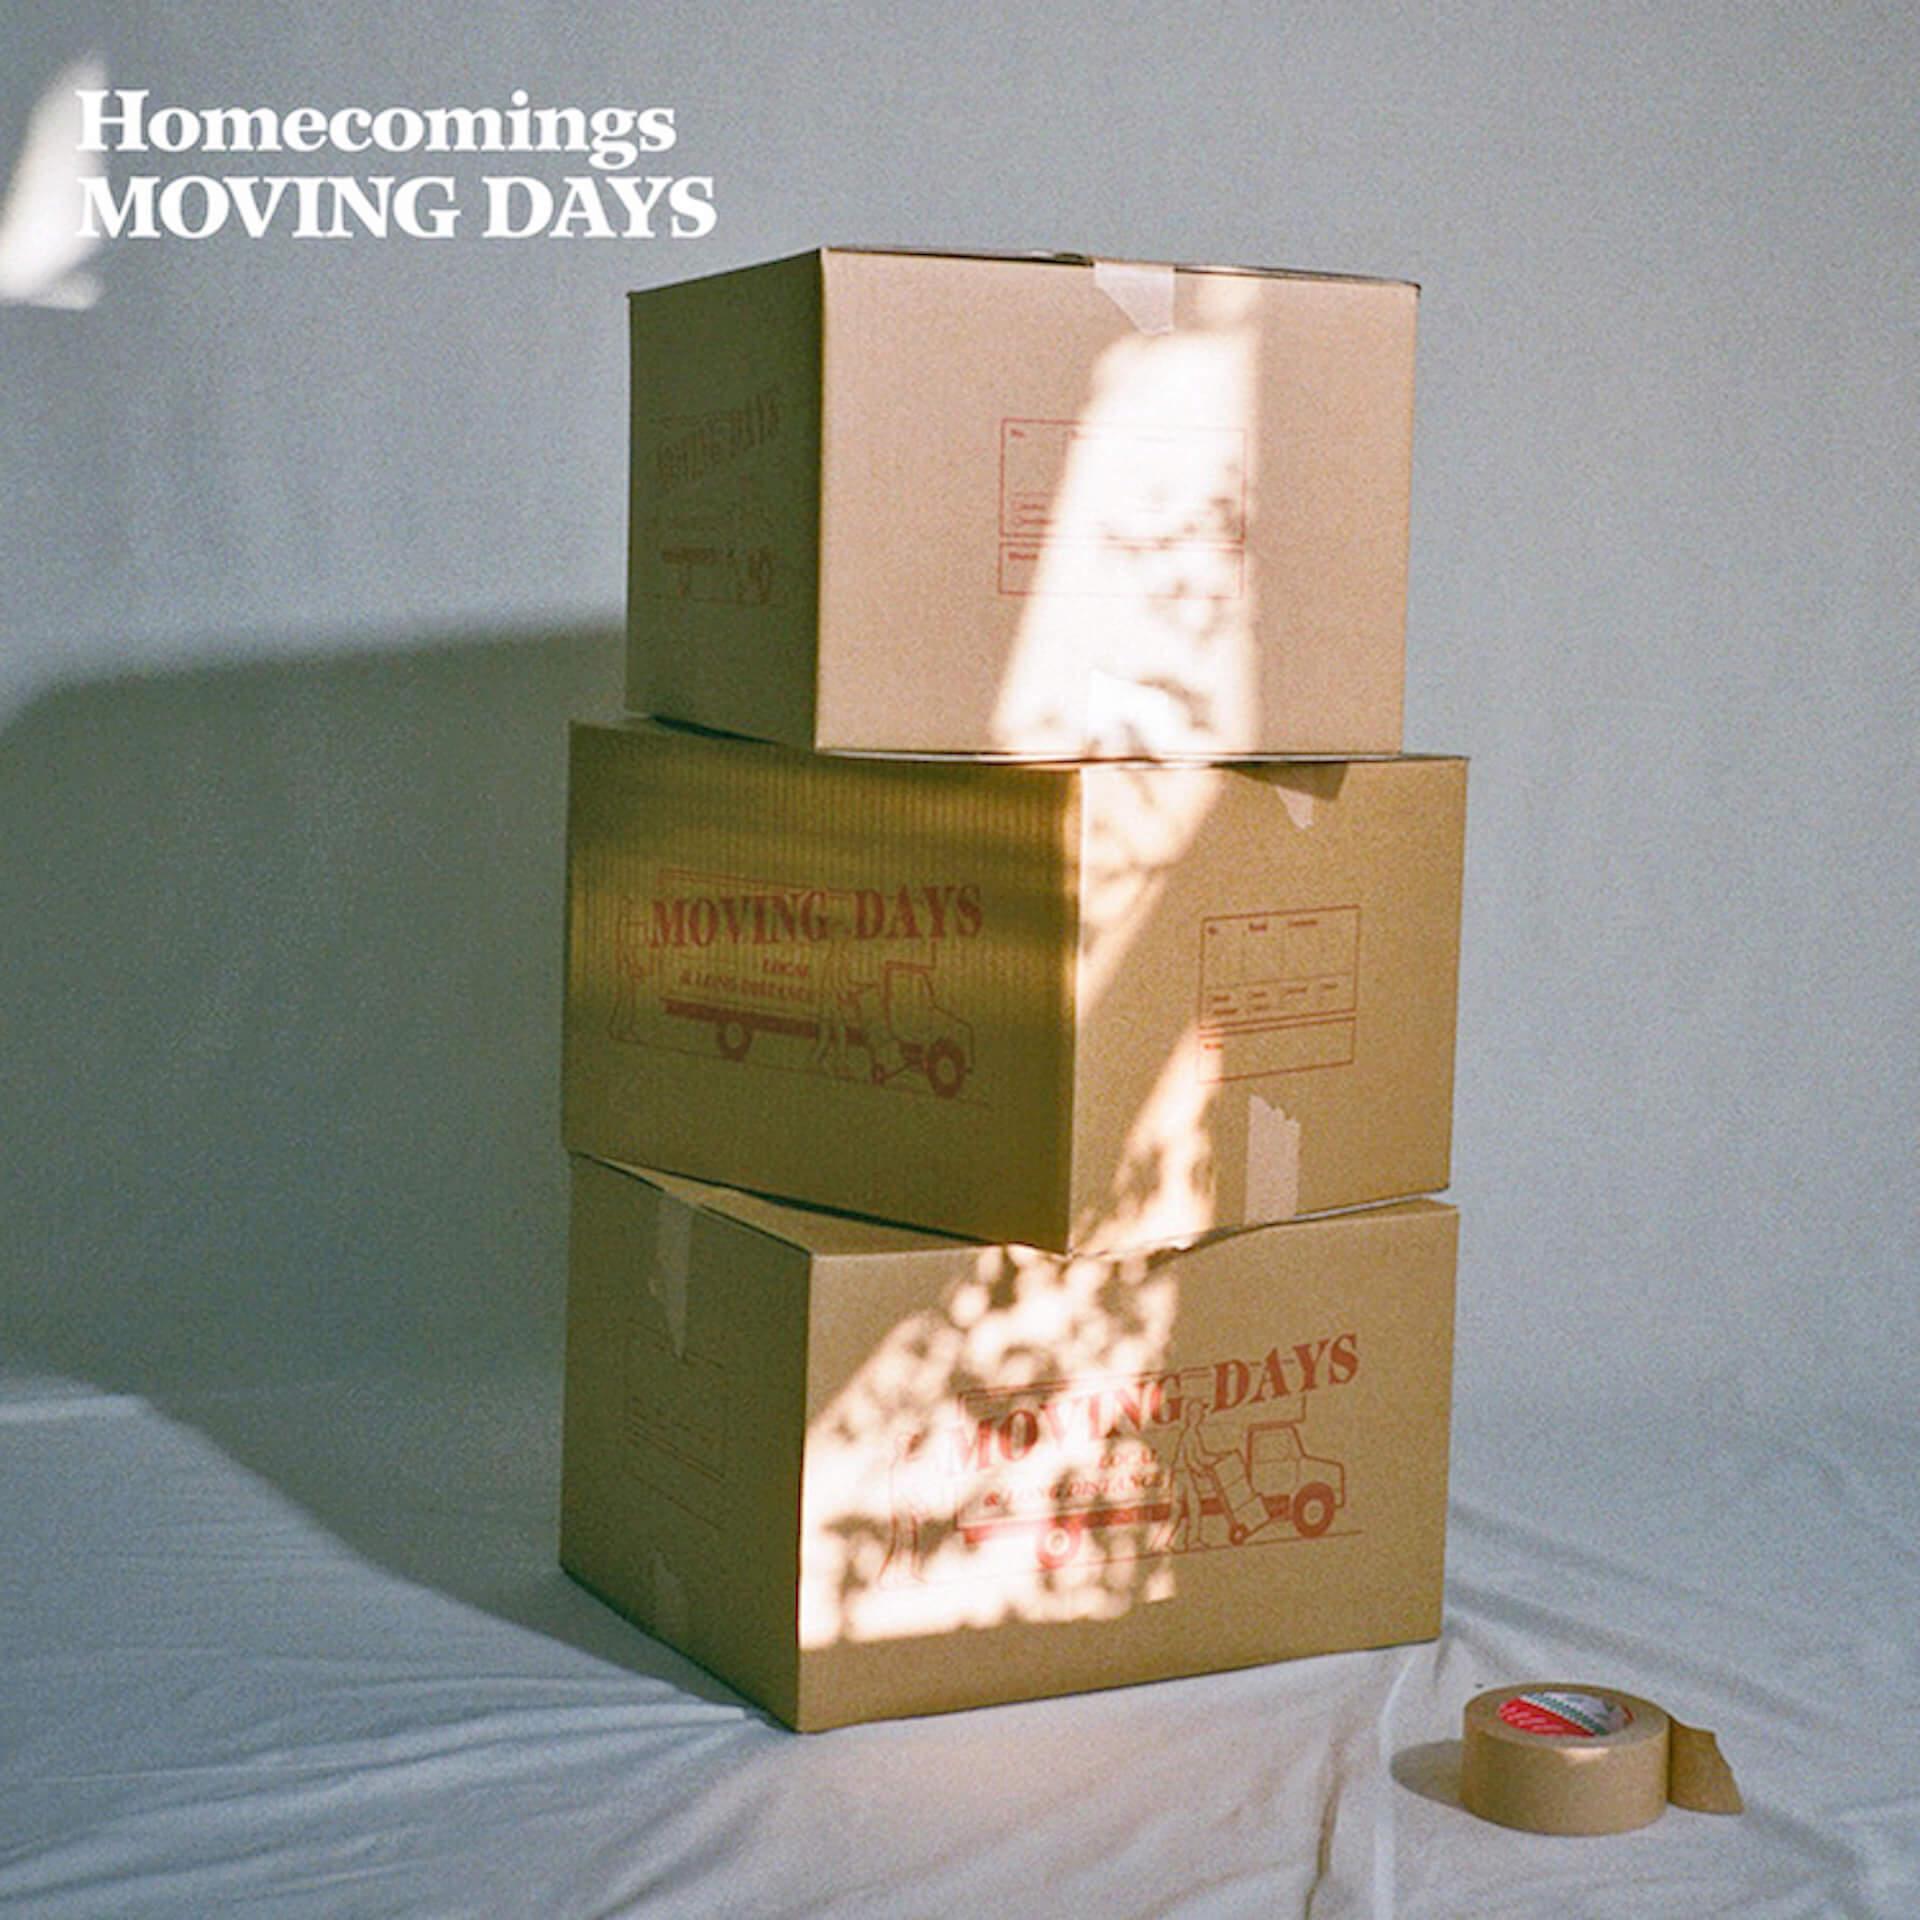 Homecomingsのメジャーデビューアルバム『Moving Days』全曲の一部を収録したクロスフェード動画が解禁! music210511_homecomings_2